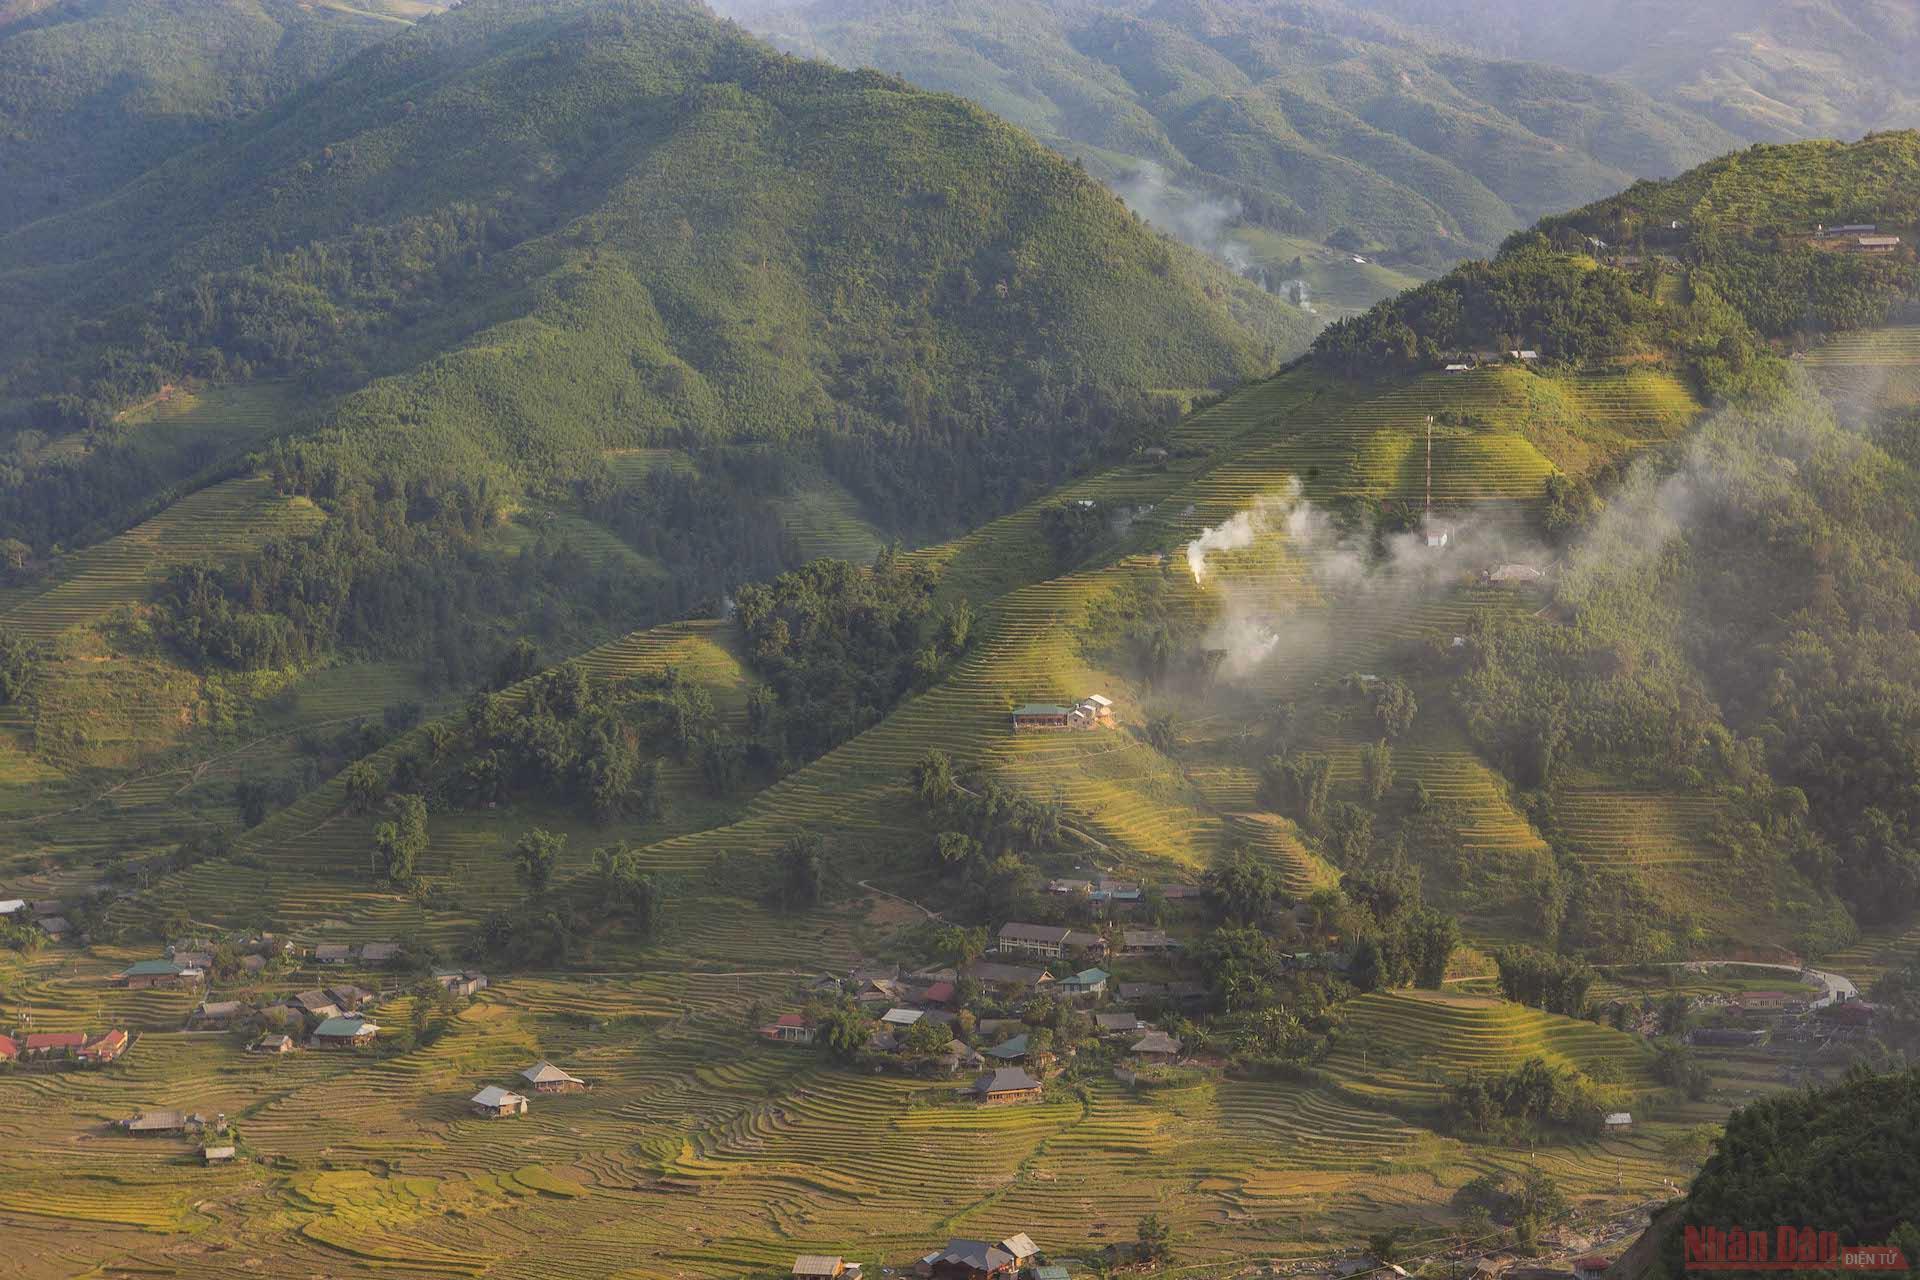 Xuôi theo tỉnh lộ 152 từ thị xã Sa Pa về phía dòng suối Mường Hoa, du khách có thể ngắm khung cảnh thơ mộng của lúa chín trong nắng vàng dọc những sườn núi bản Ý Linh Hồ, Lao Chải, Tả Van…